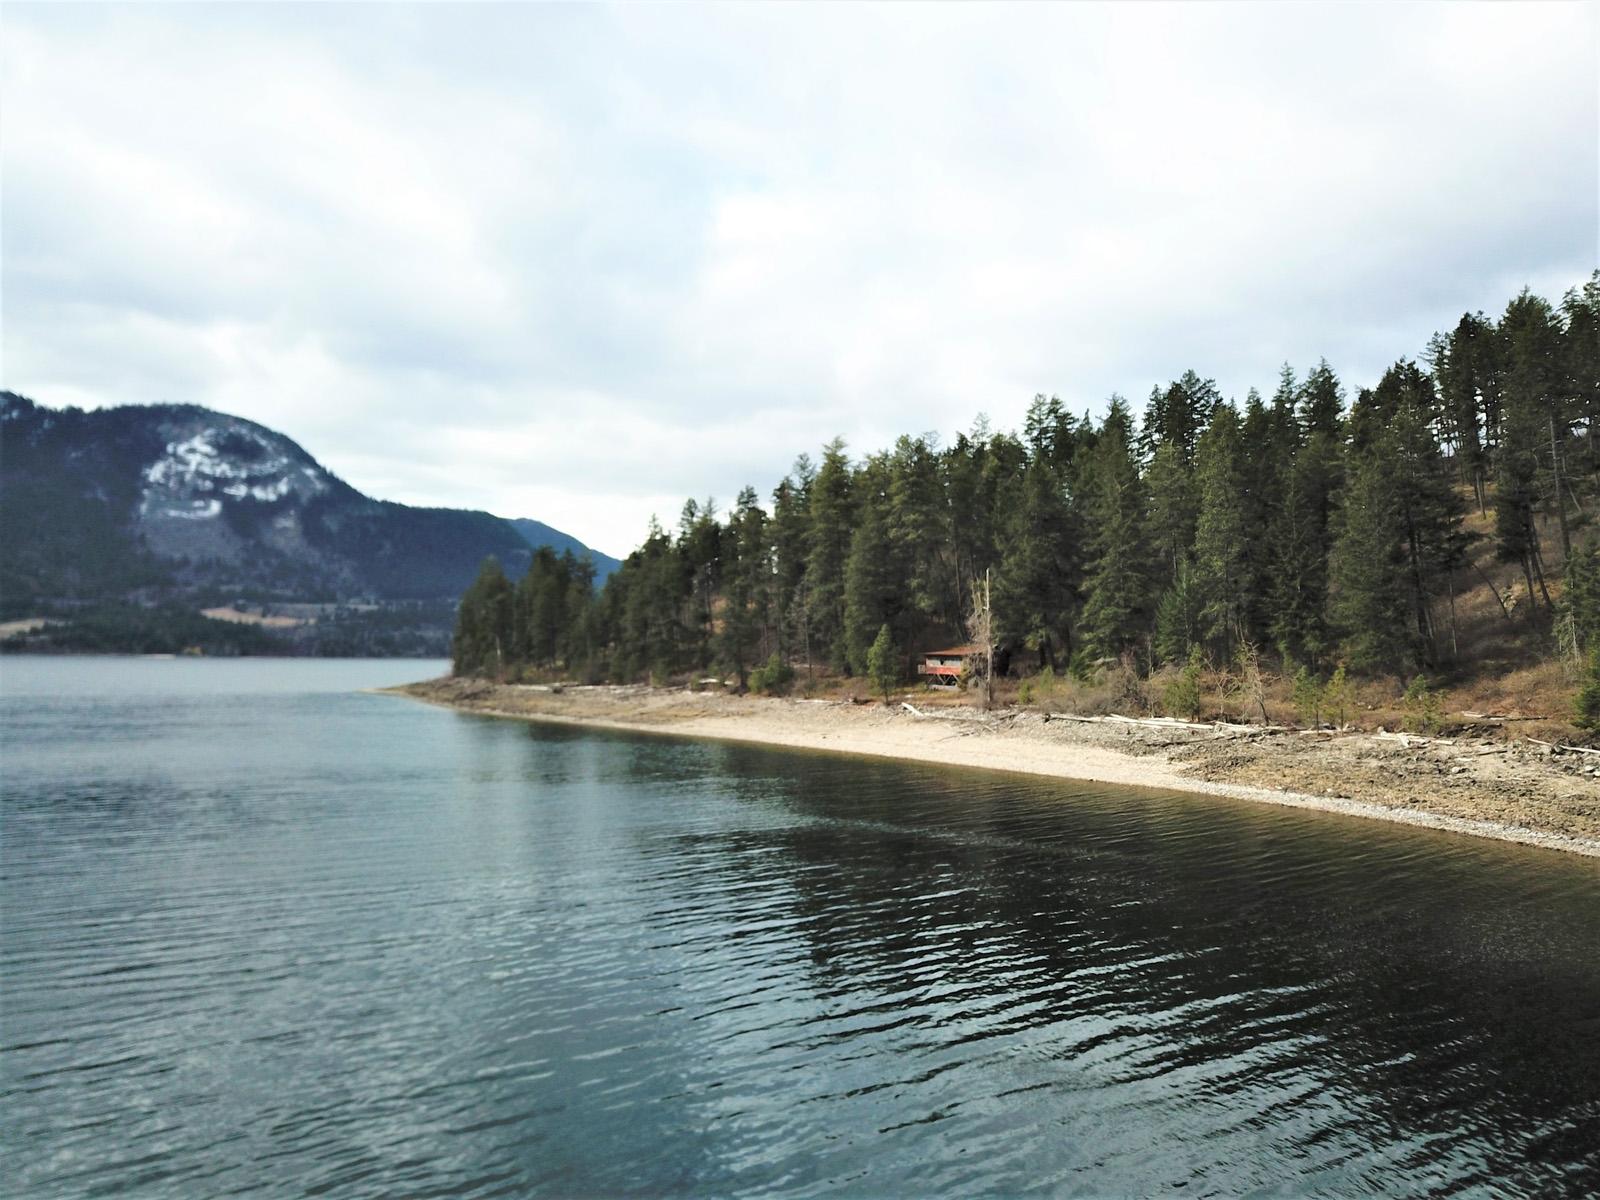 Little shuswap lake 02